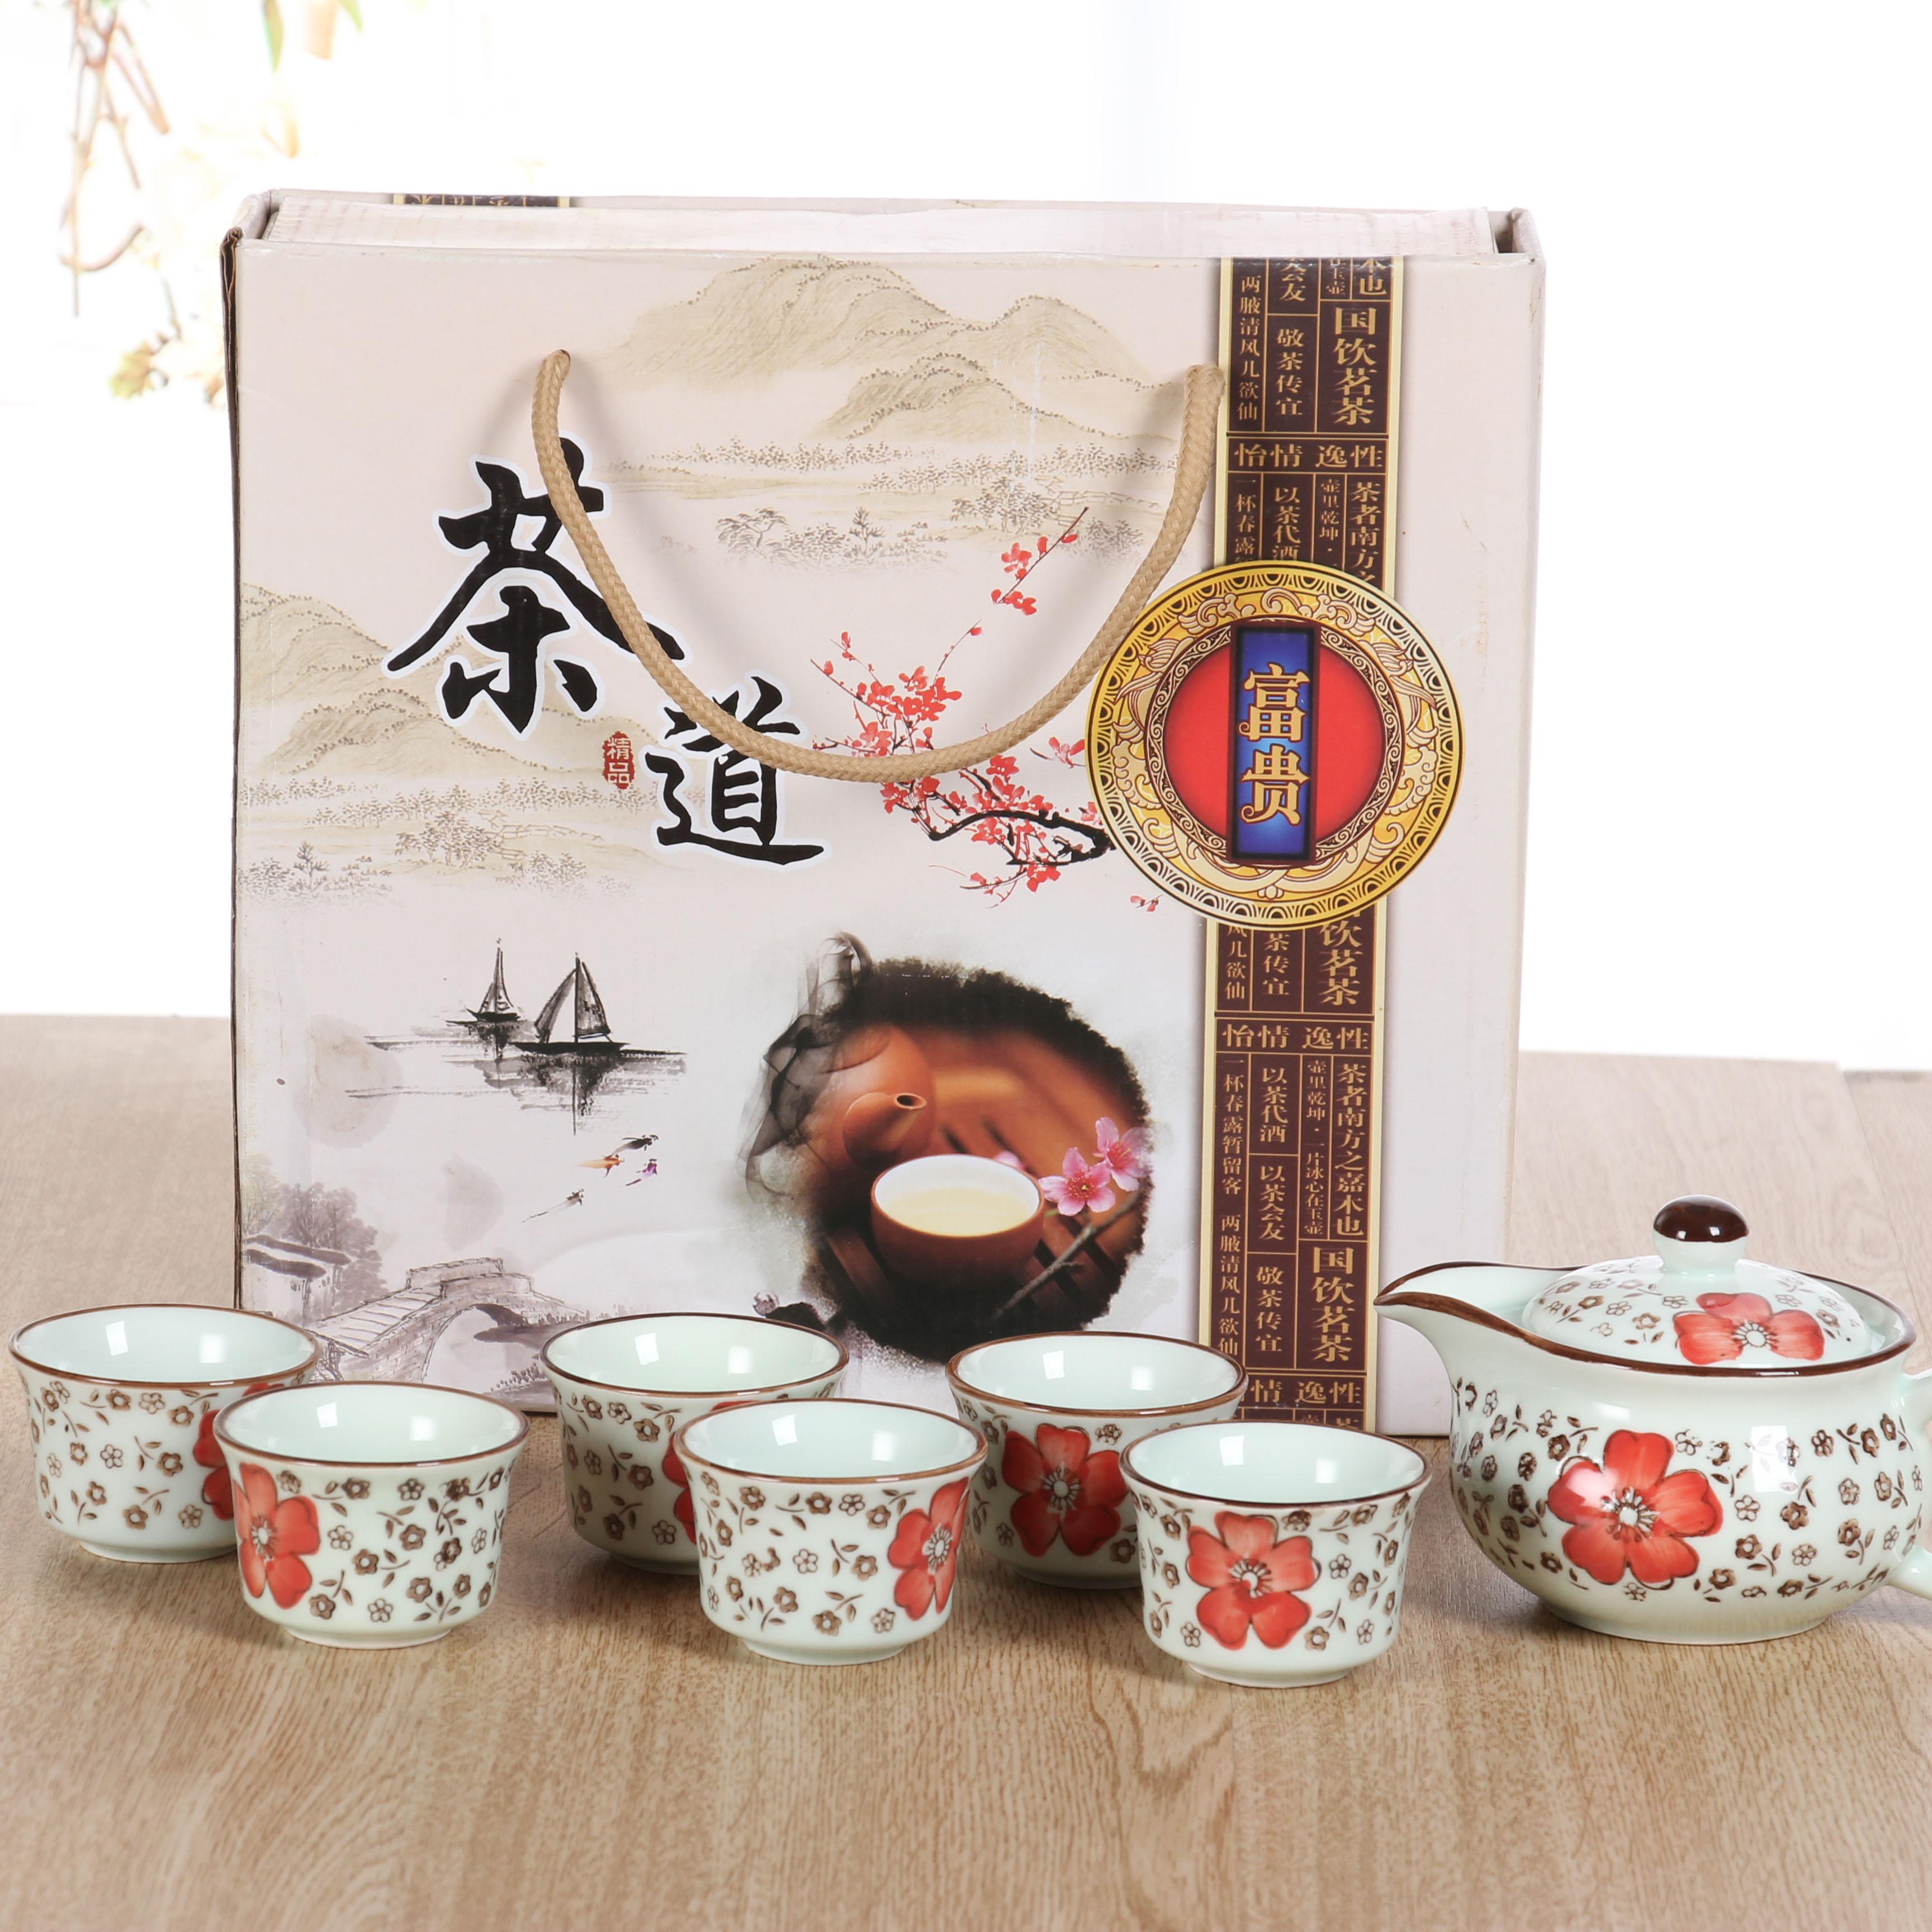 厂家直销功夫茶具礼品套装,茶壶戴盖茶杯7件套,婚庆创意送礼 陶瓷茶具套装